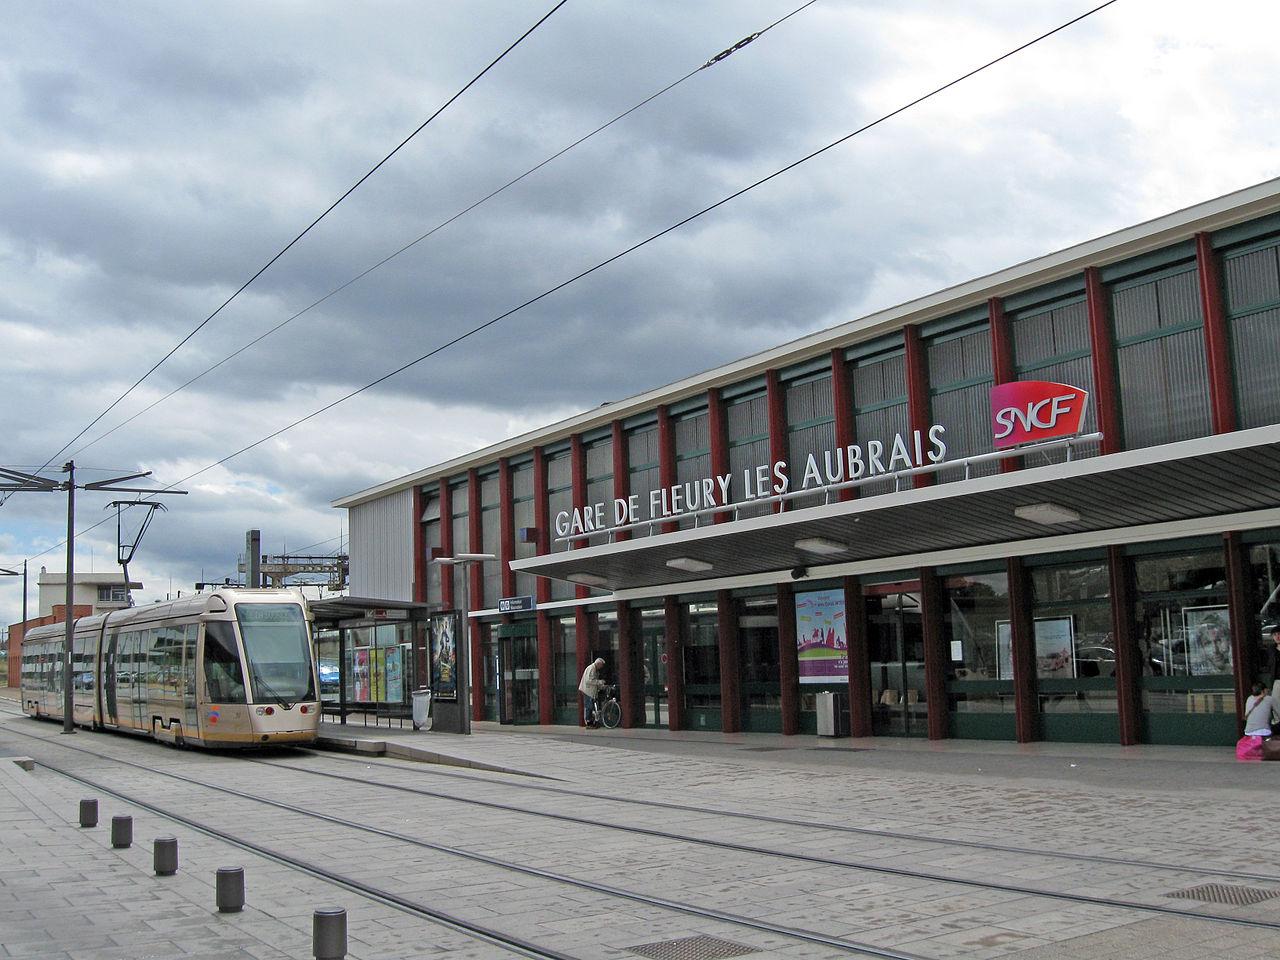 fleury-les-aubrais-train-station